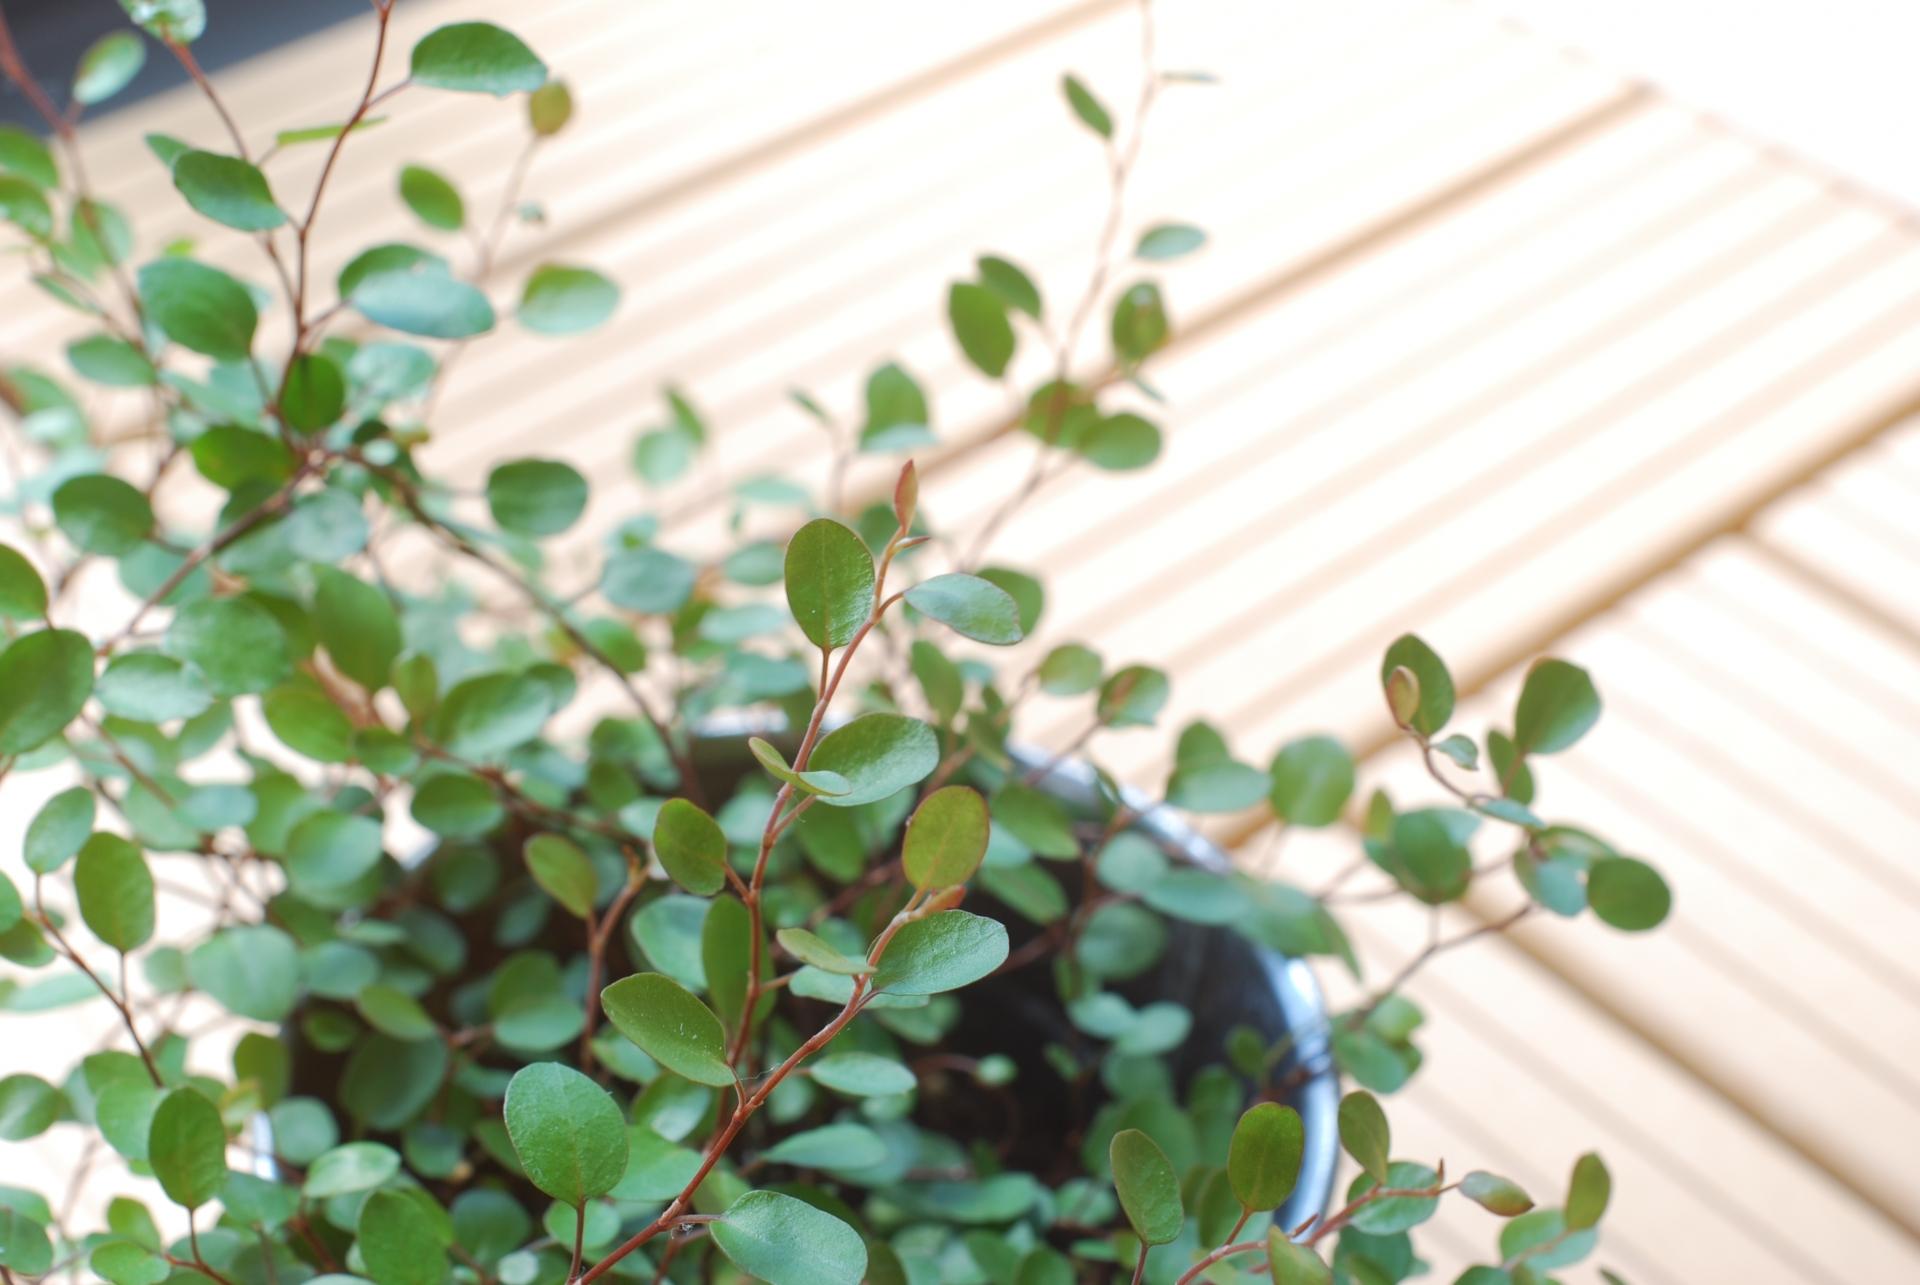 ガーデン用品屋さんの花図鑑 ワイヤープラント